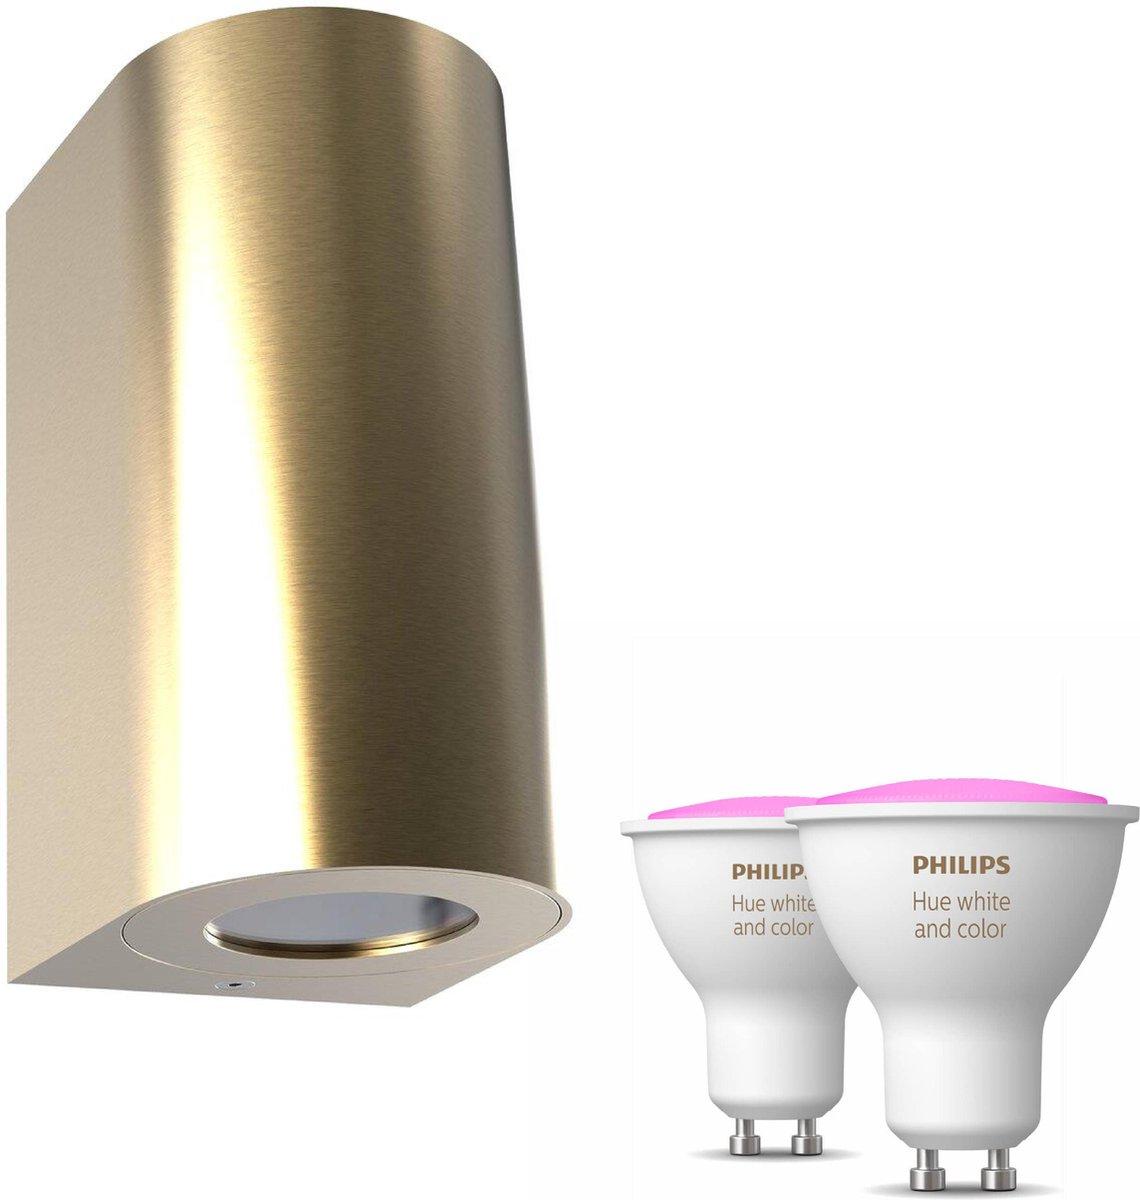 Nordlux Canto maxi 2 wandlamp - goud - 2 lichtpunten - Incl. Philips Hue White & Color Ambiance Gu10 (geschikt voor buitengebruik)